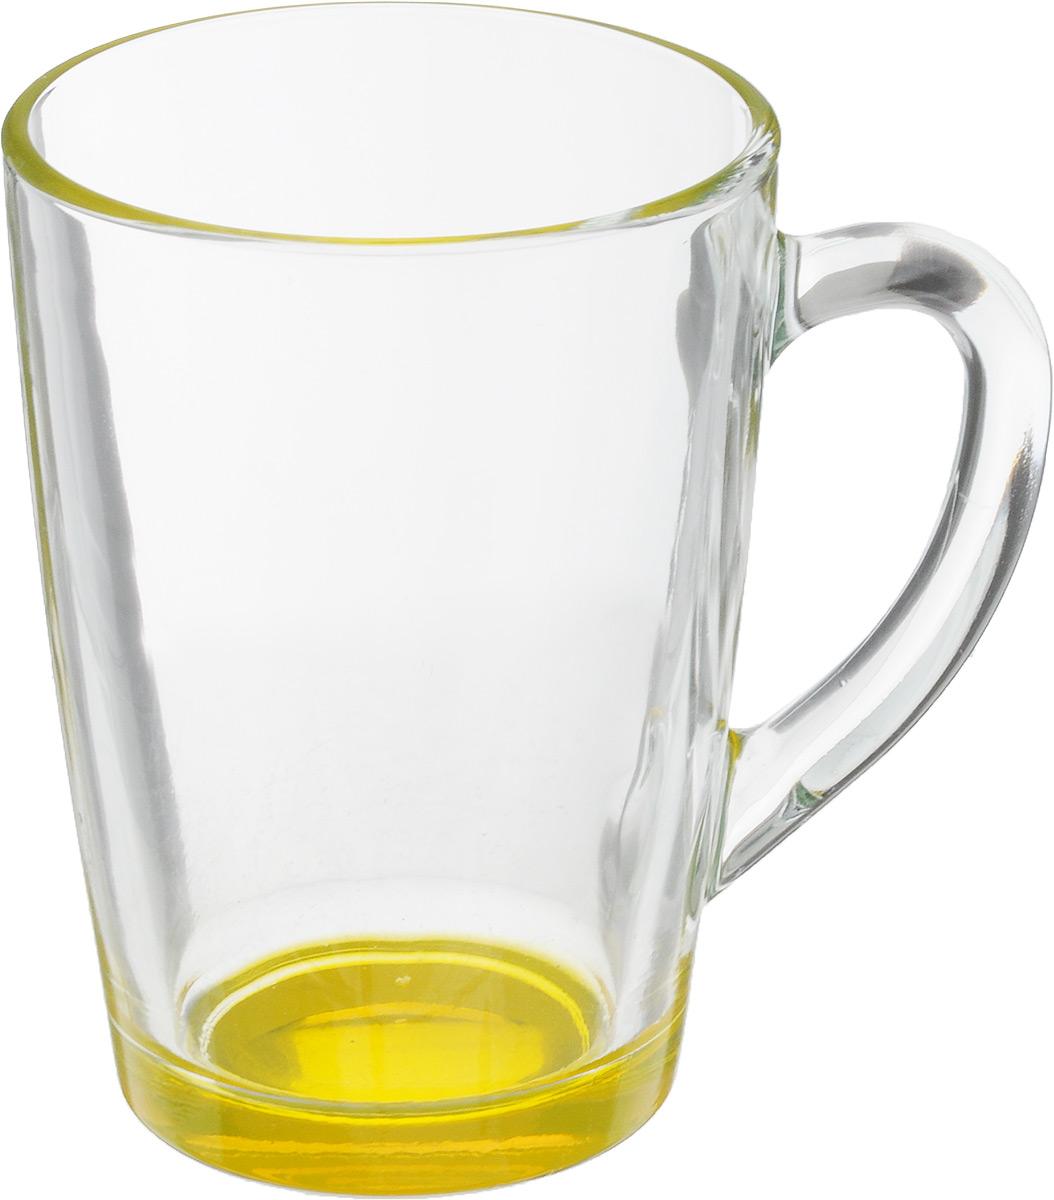 Кружка OSZ Капучино, цвет: прозрачный, желтый, 300 мл. 07C1334LM07C1334LM_прозрачный, желтыйКружка OSZ Капучино изготовлена из стекла двух цветов. Изделие идеально подходит для сервировки стола.Кружка не только украсит ваш кухонный стол, но и подчеркнет прекрасный вкус хозяйки. Диаметр кружки (по верхнему краю): 8 см. Высота кружки: 11 см. Объем кружки: 300 мл.